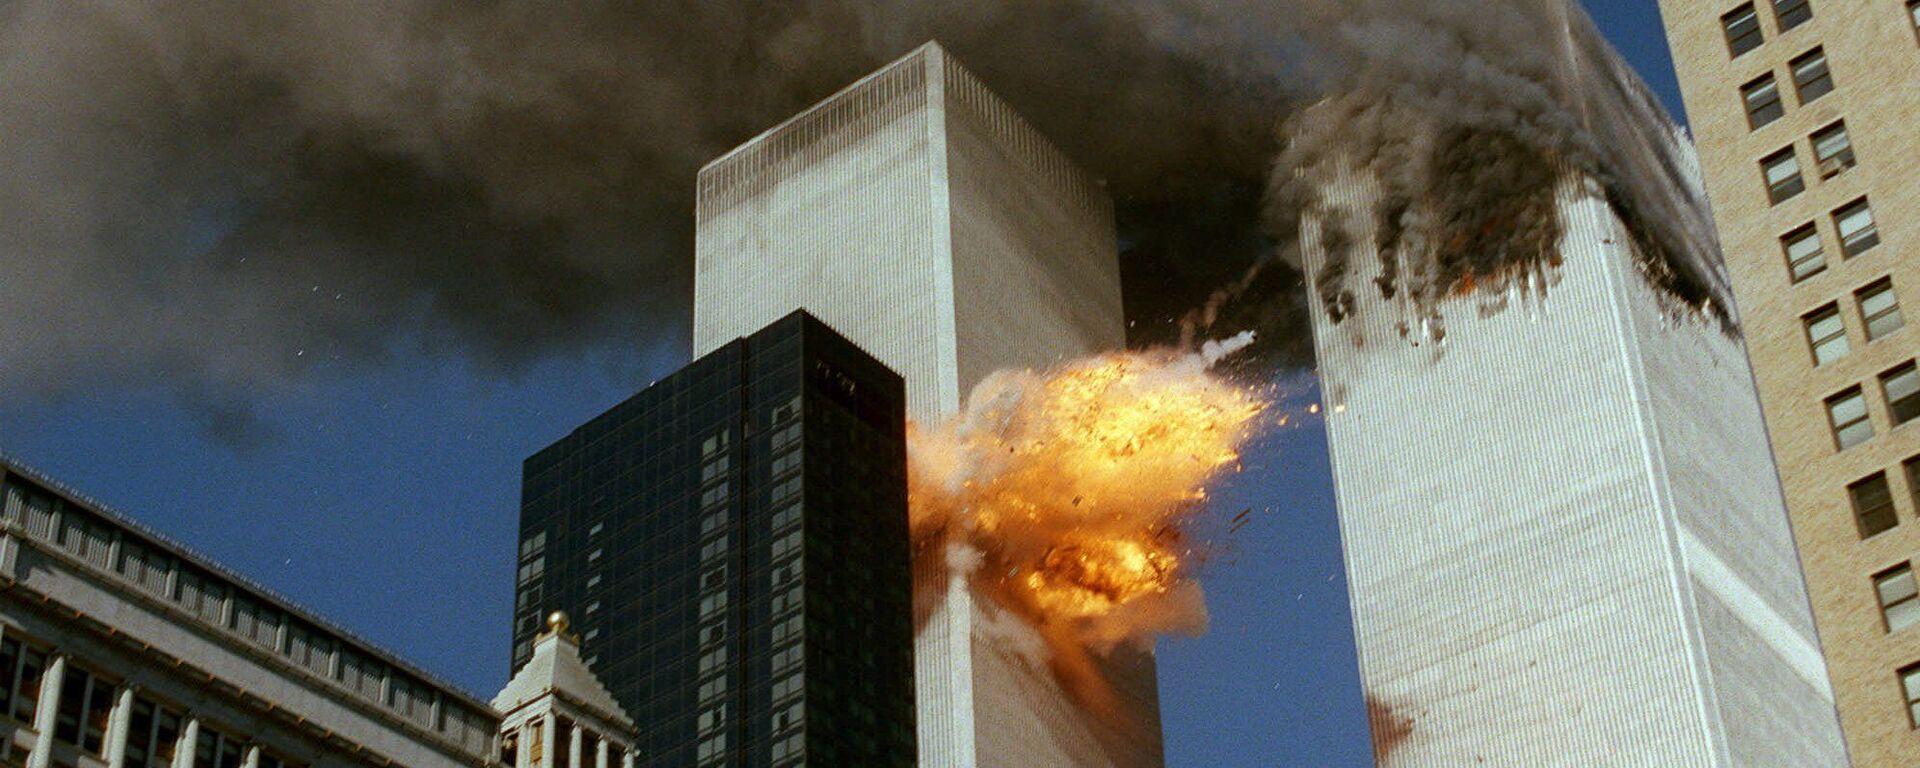 Zniszczenia w rezultacie ataku terrorystycznego z 11 września w Nowym Jorku - Sputnik Polska, 1920, 11.09.2021